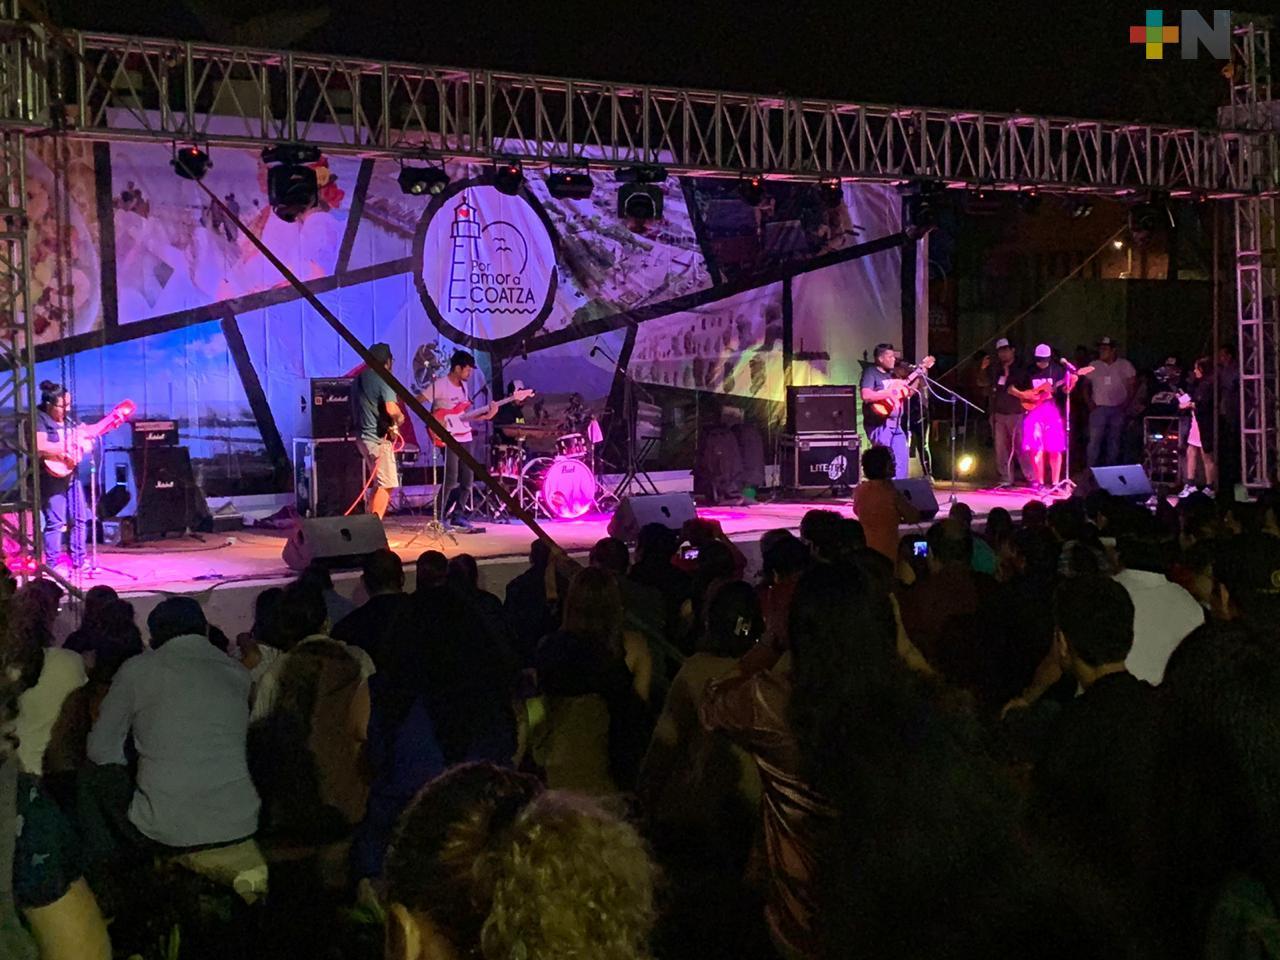 Con música presentan la iniciativa Por amor a Coatza